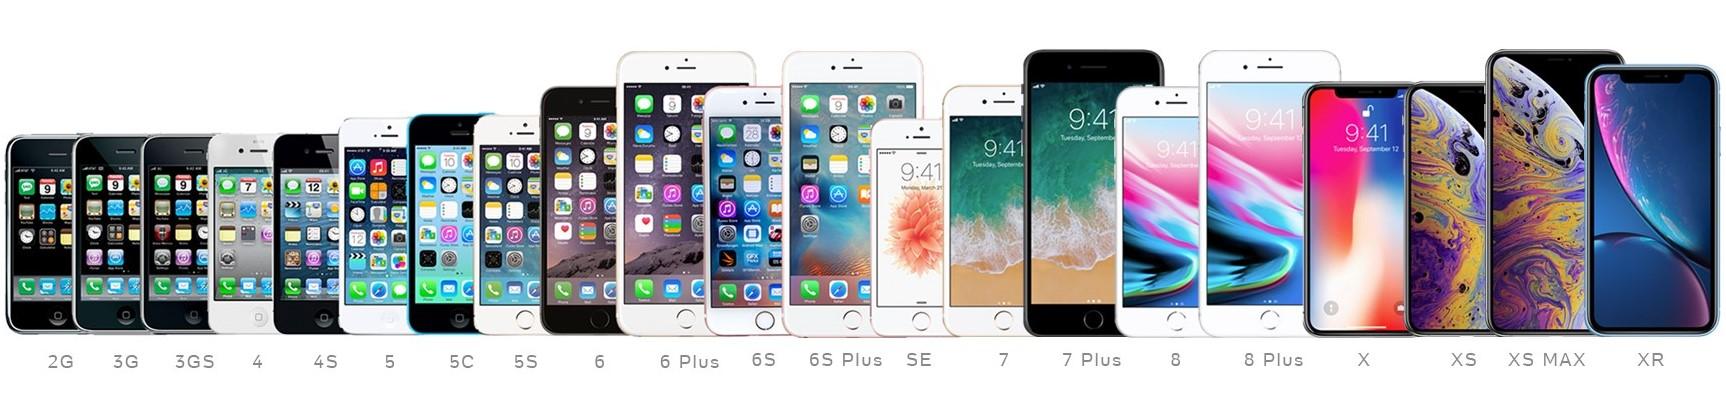 evolução da tecnologia dos celulares